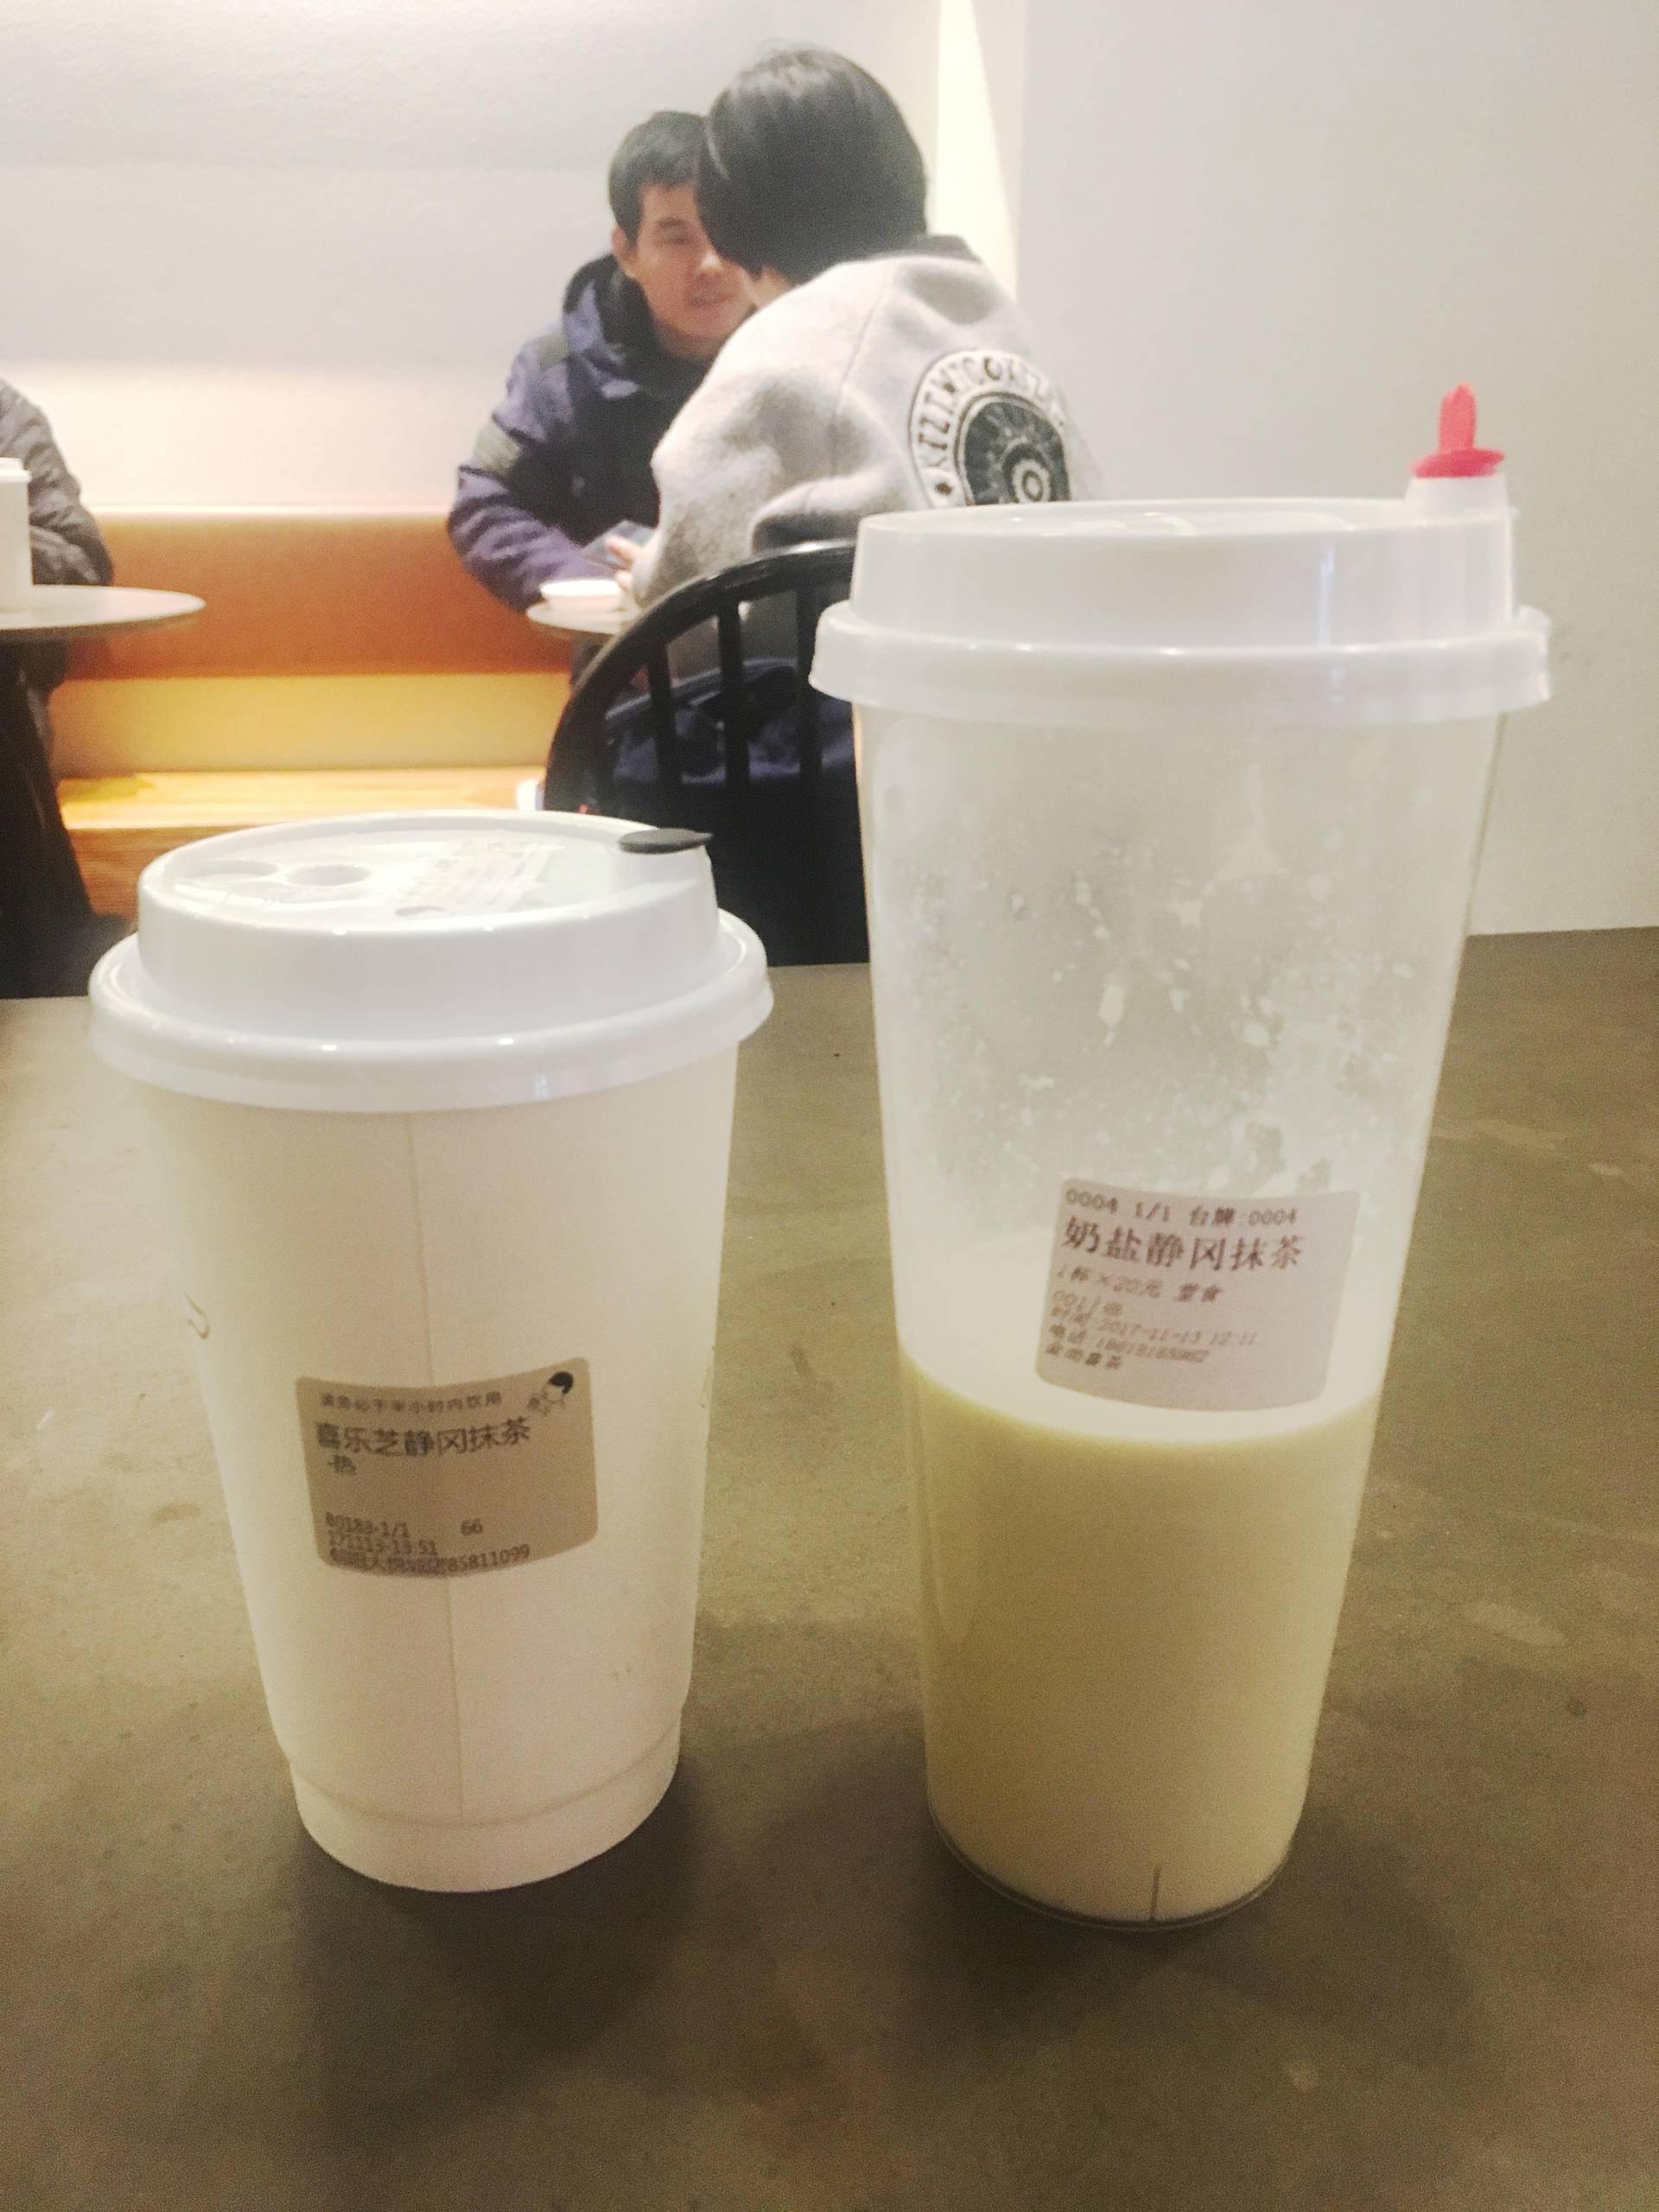 喜茶(左)和金尚喜茶的芝士静冈抹茶